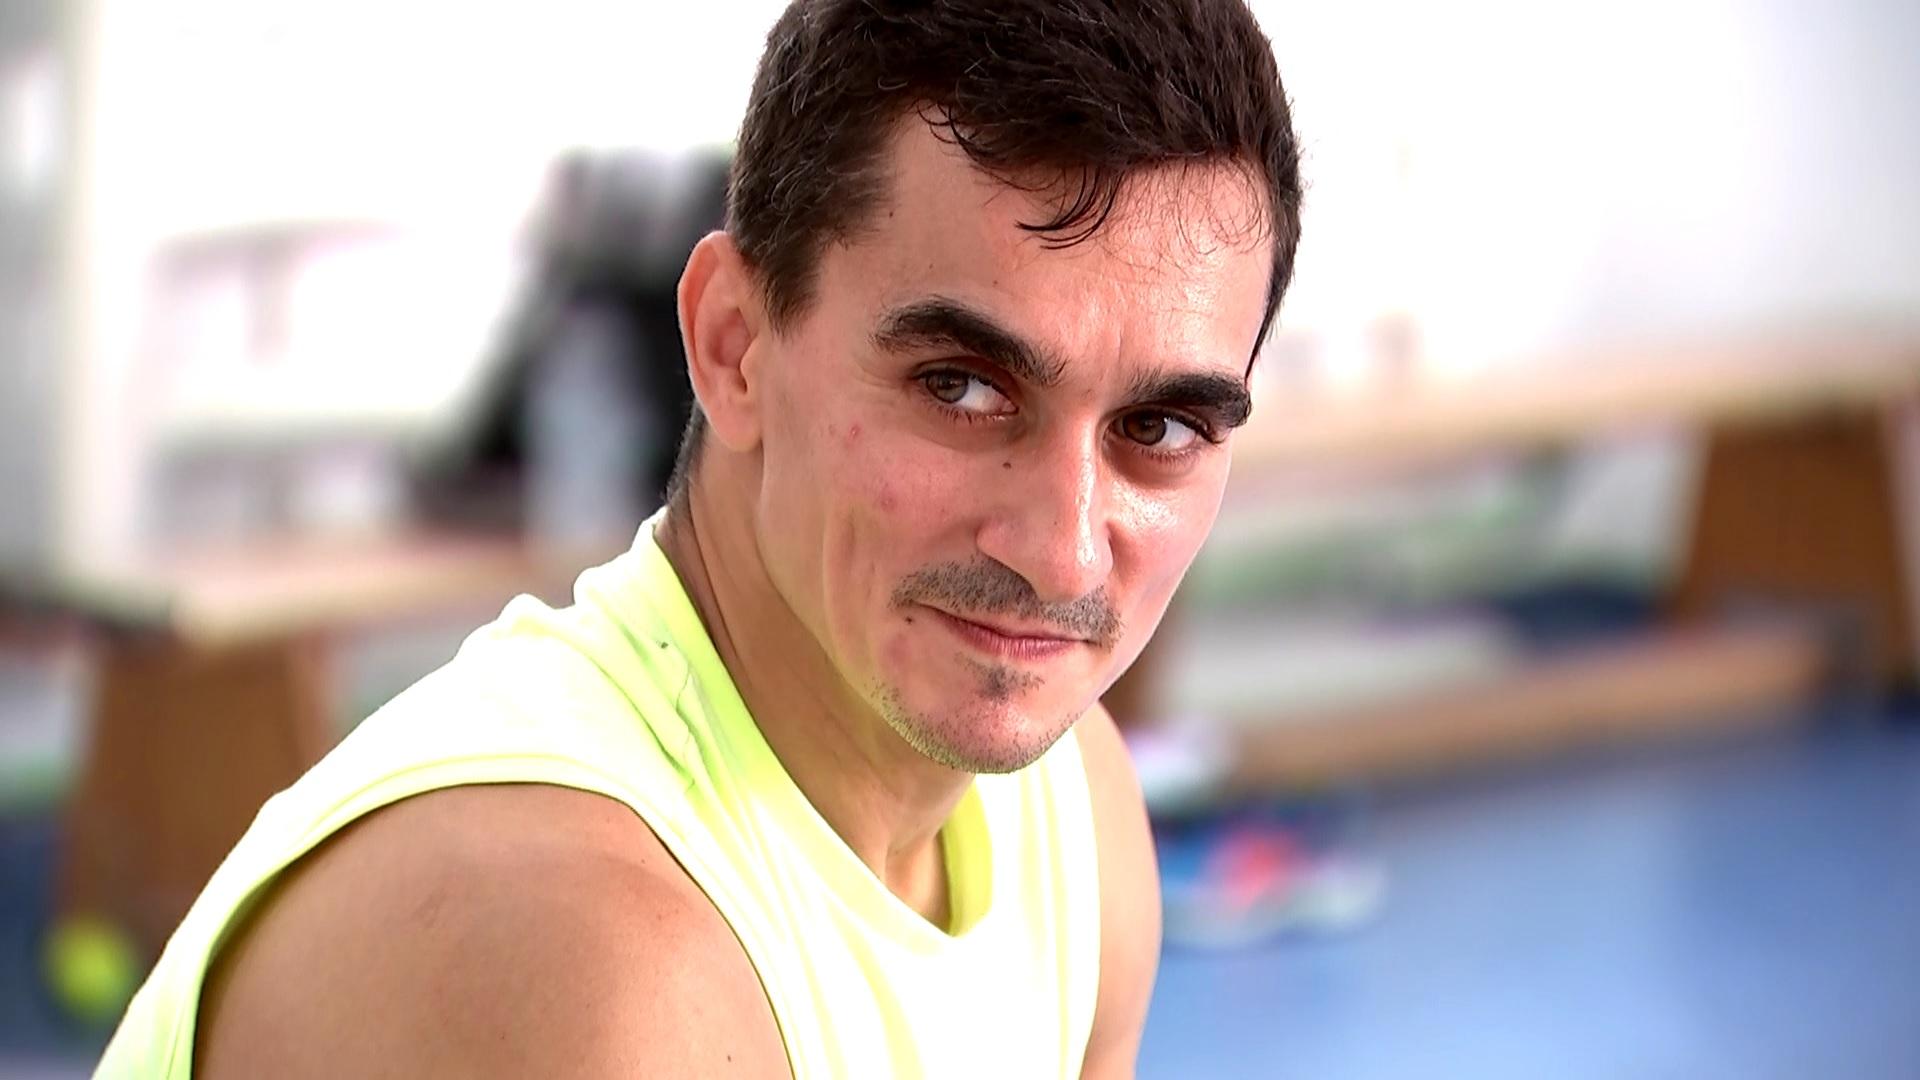 Marian Drăgulescu mai are un singur vis înainte să se retragă